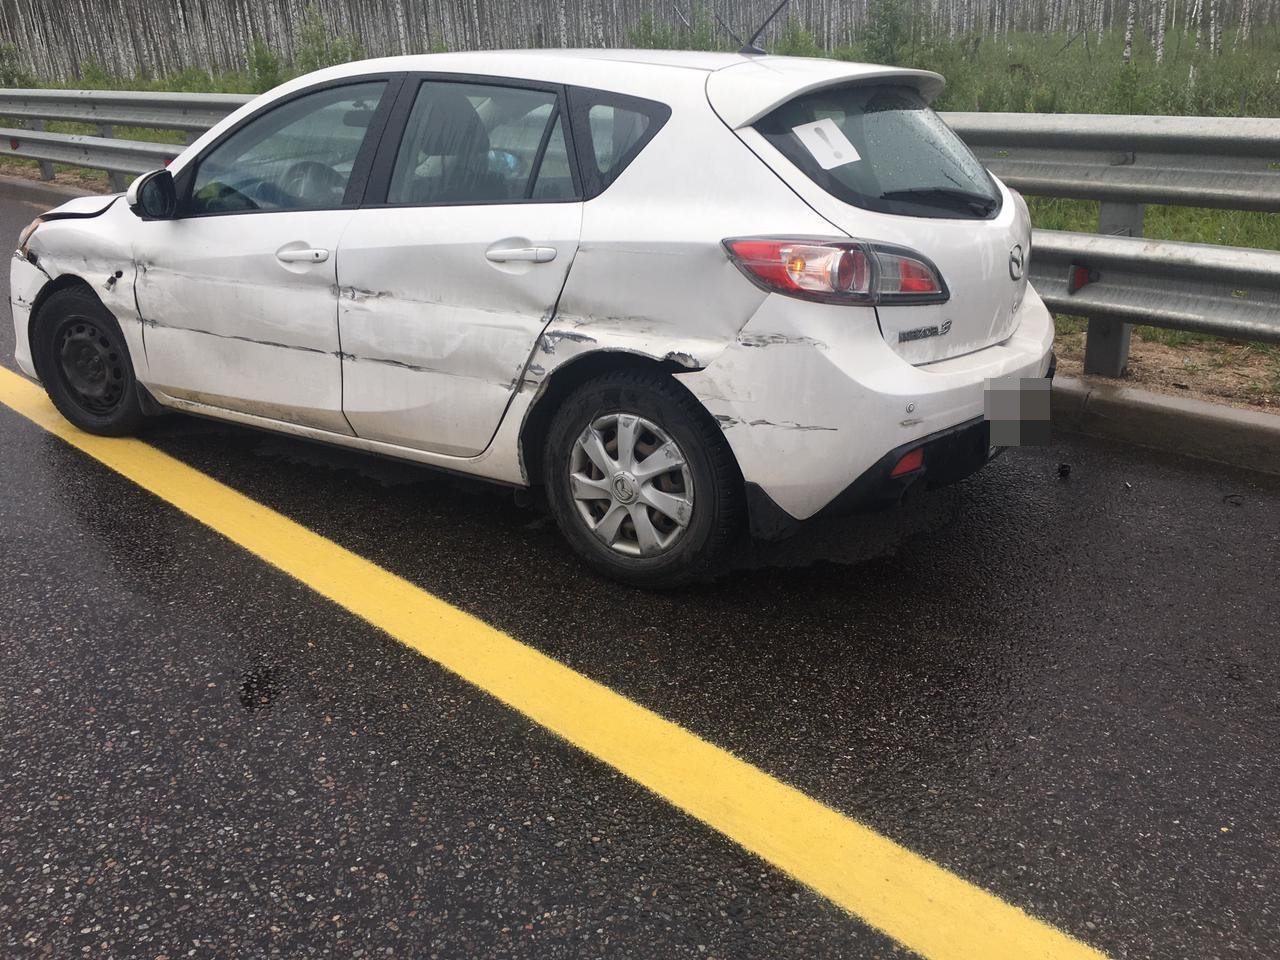 Уснула за рулём: появились подробности ДТП с двумя пострадавшими в Тверской области